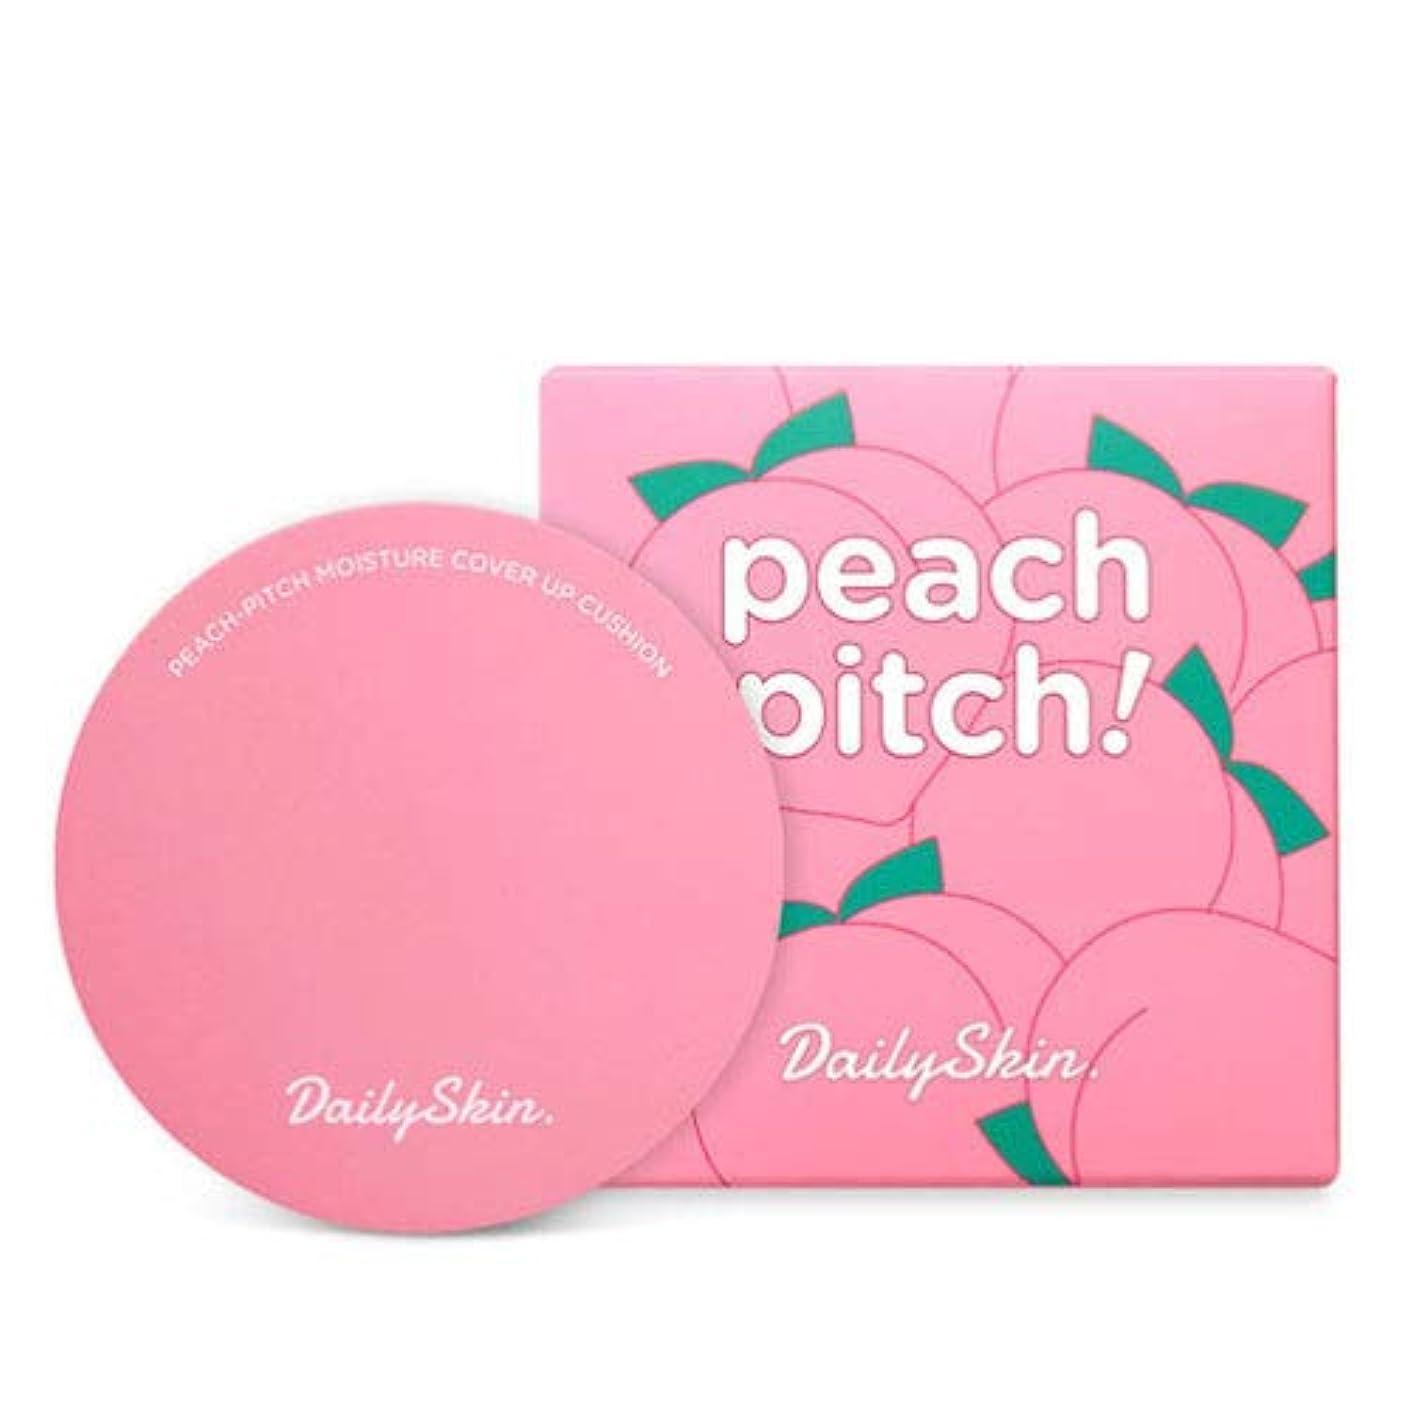 一般的な名目上の巻き戻す[RENEWAL] デイリースキン ピーチ モイスチャー カバー アップ クッション Daily Skin Peach-Pitch Moisture Cover Up Cushion (No.23 Peach Natural) [並行輸入品]